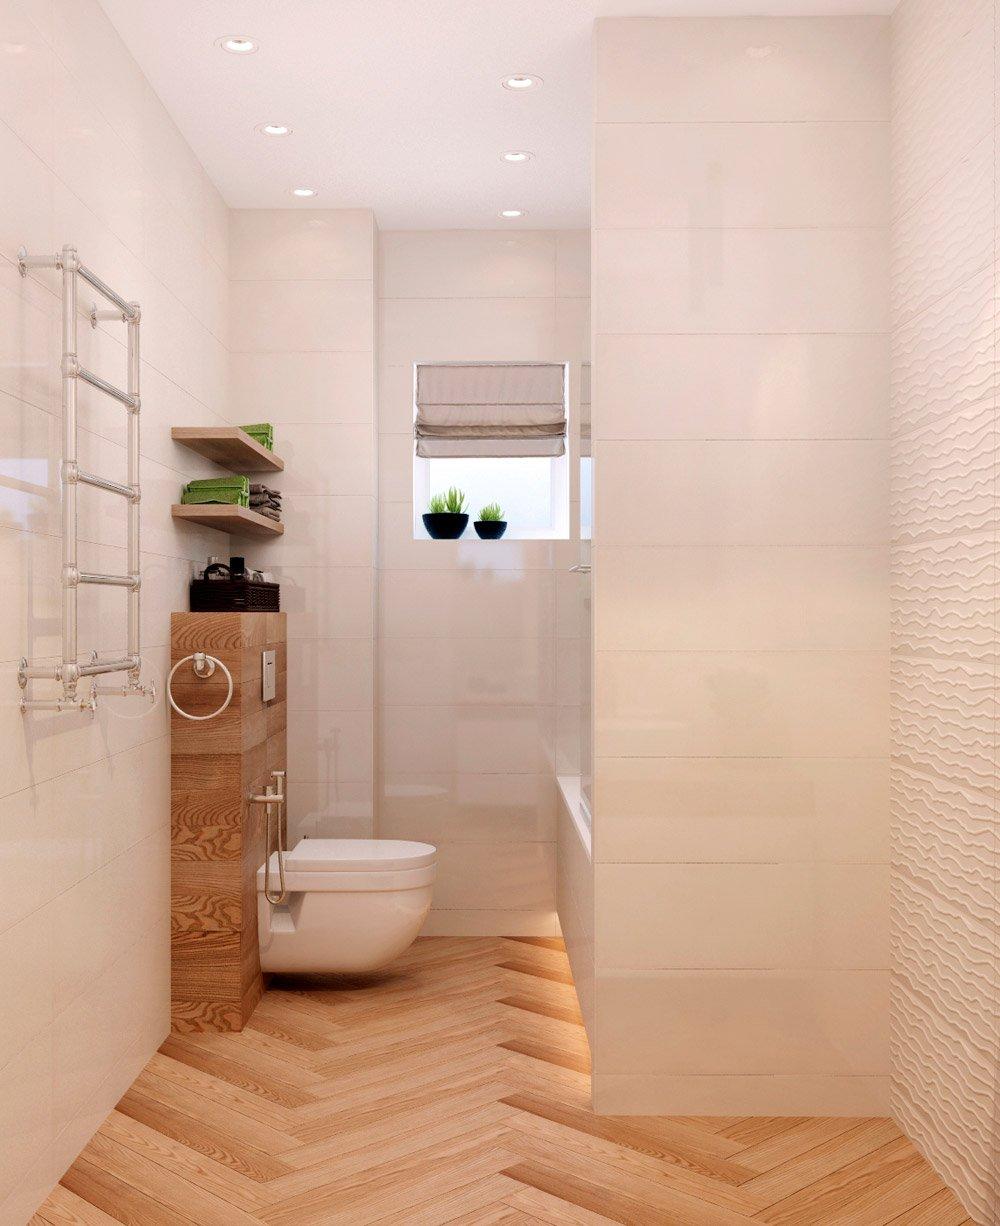 Фото размещения туалета и ванной